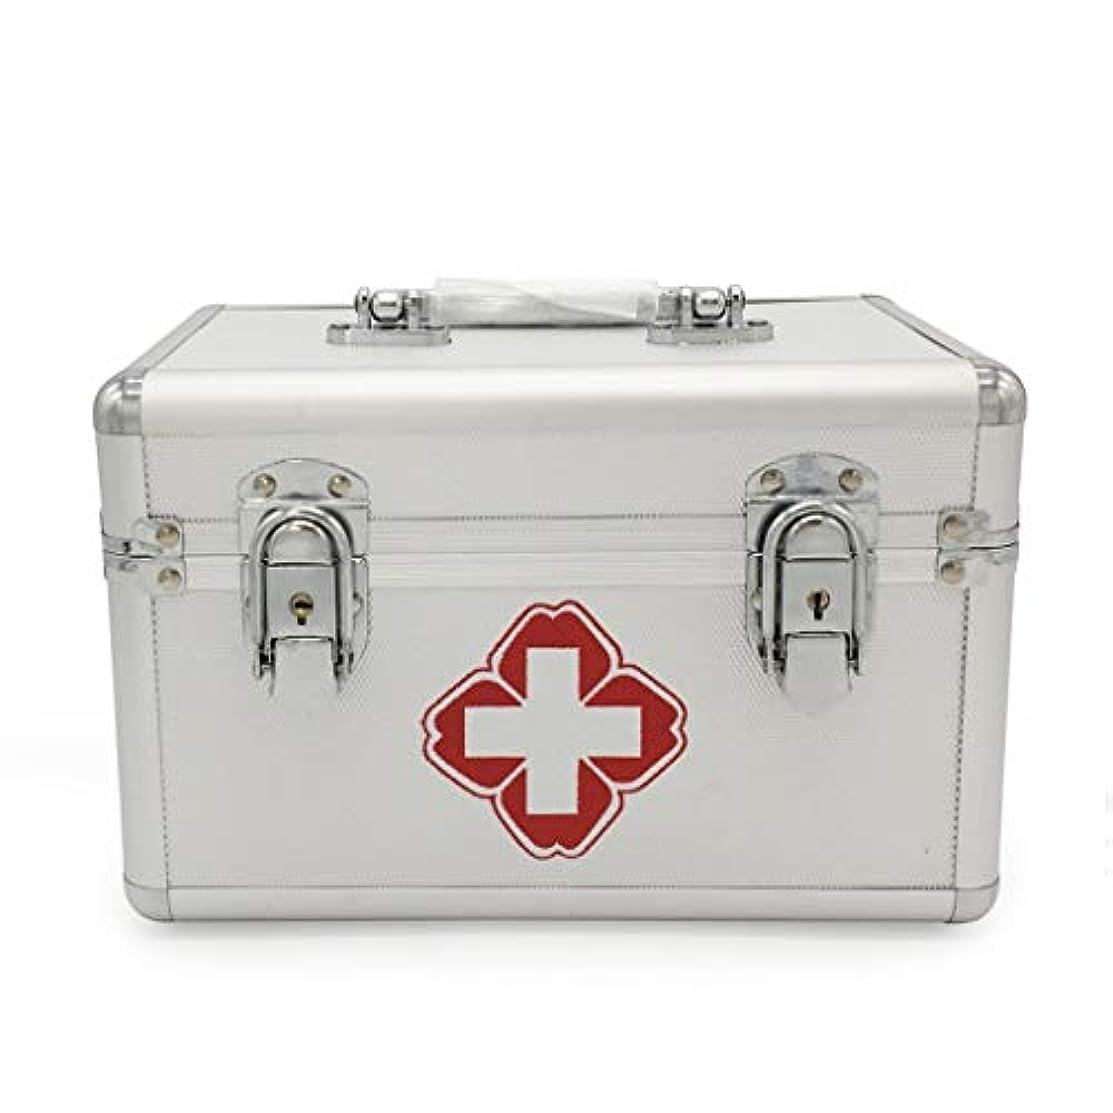 後世道路を作るプロセス運ぶYxsd 薬のキャビネット、ハンドルが付いている銀製の救急箱、家、旅行及び職場のための2つの層の医学の収納キット (Size : S)